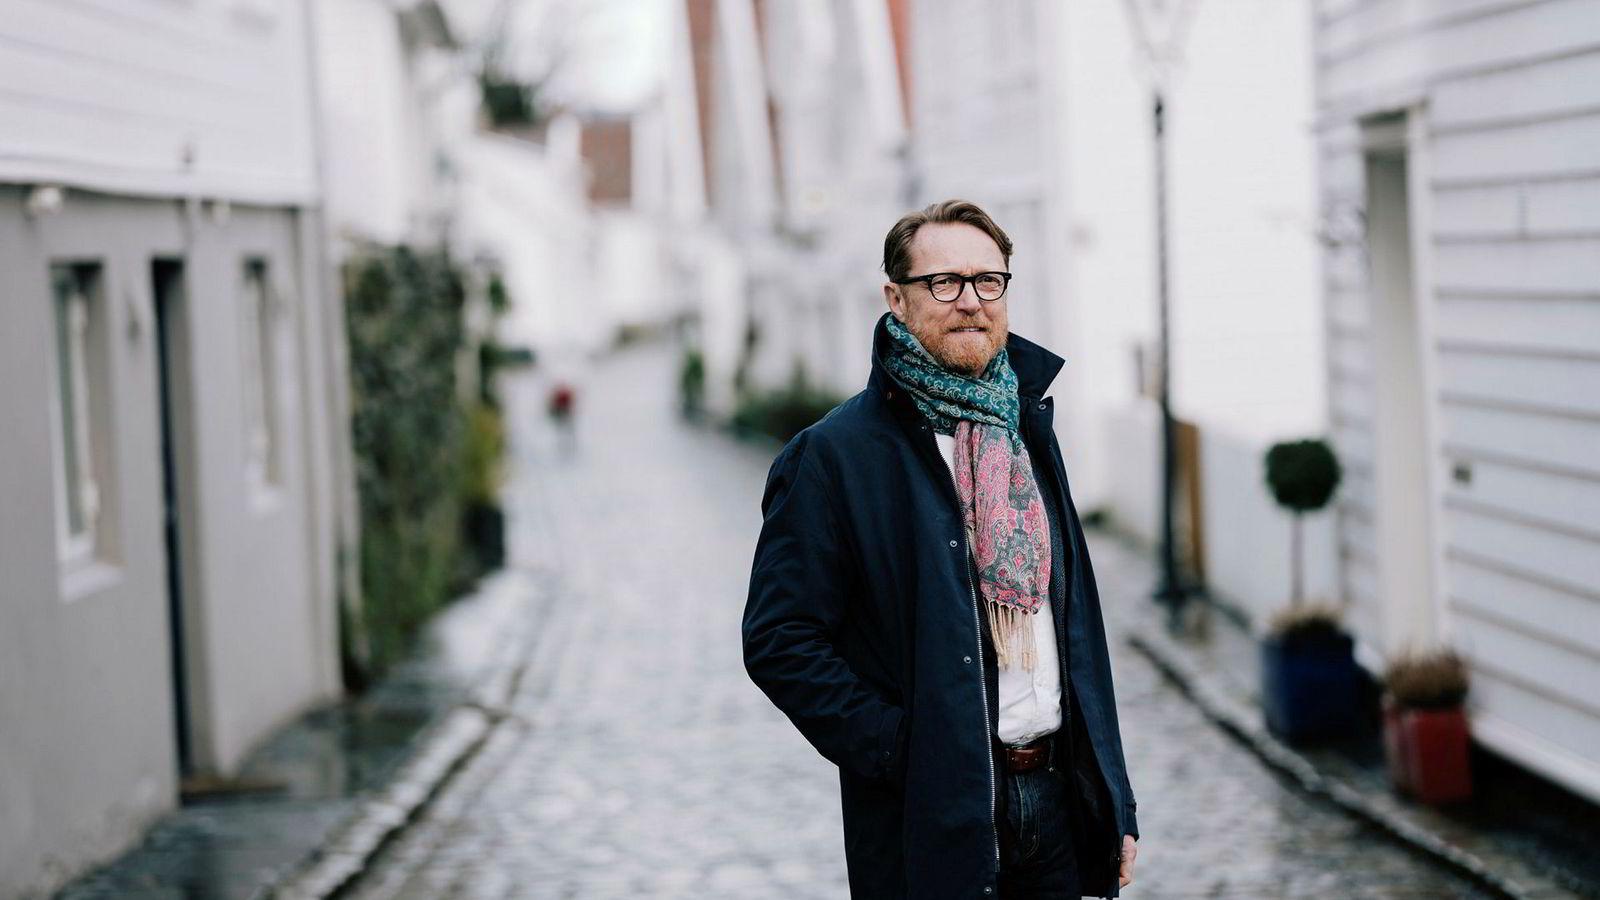 Ordførerkandidat for Høyre i Stavanger, John Peter Hernes